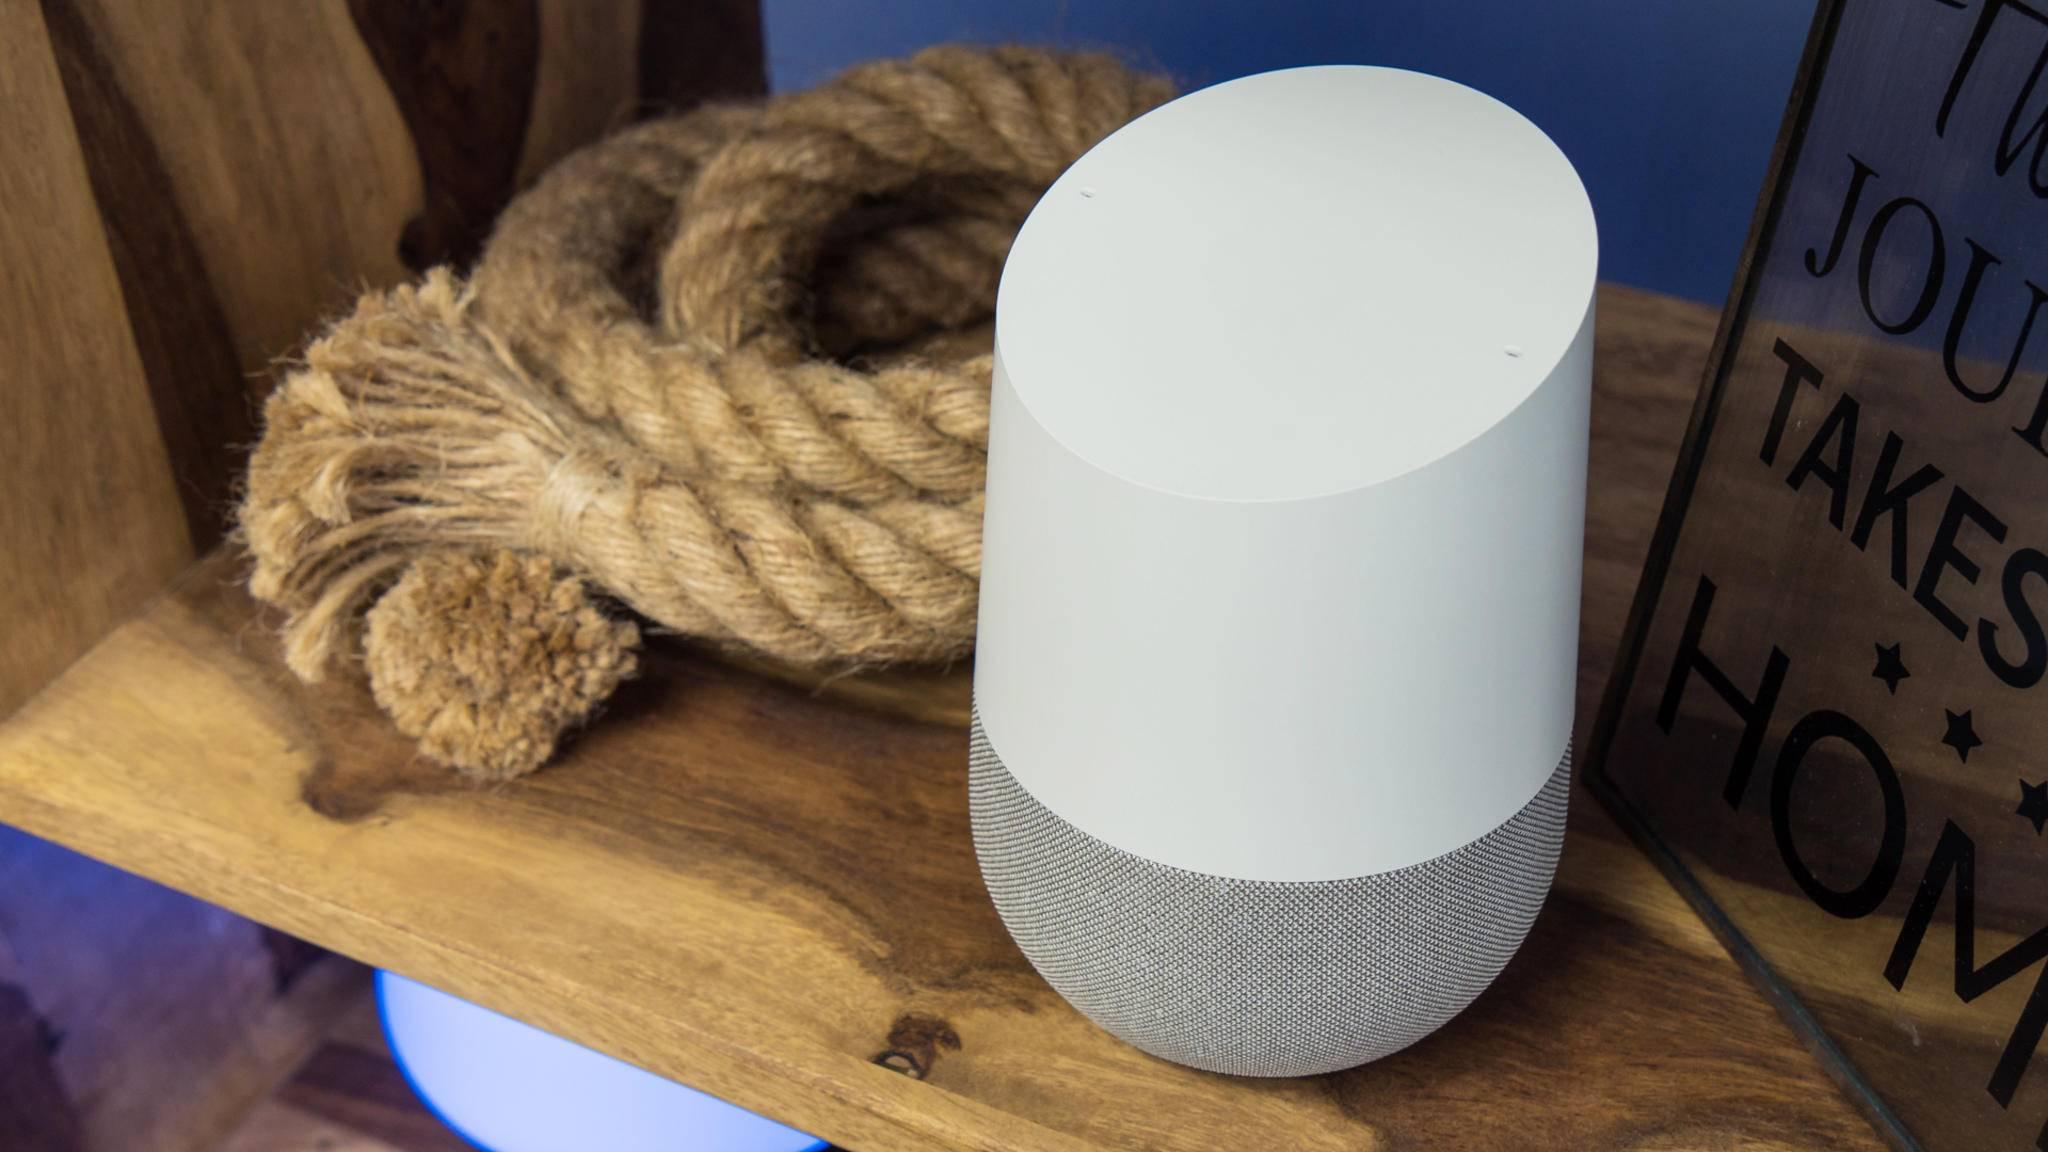 Wir verraten Dir, wie Du Google Home im Handumdrehen einrichtest.